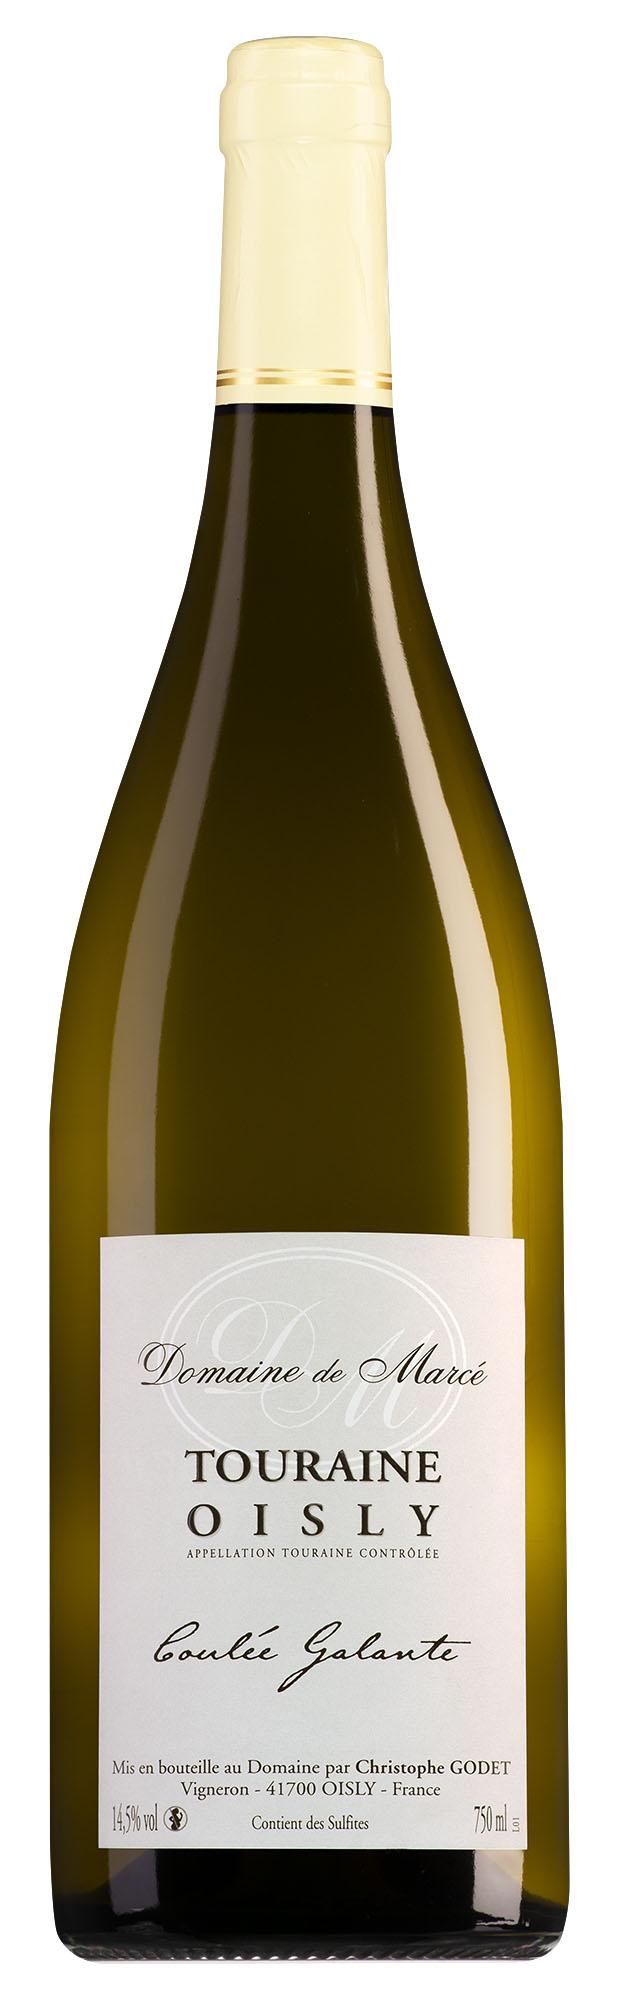 Domaine de Marcé Touraine Oisly Coulée Galante Sauvignon Blanc